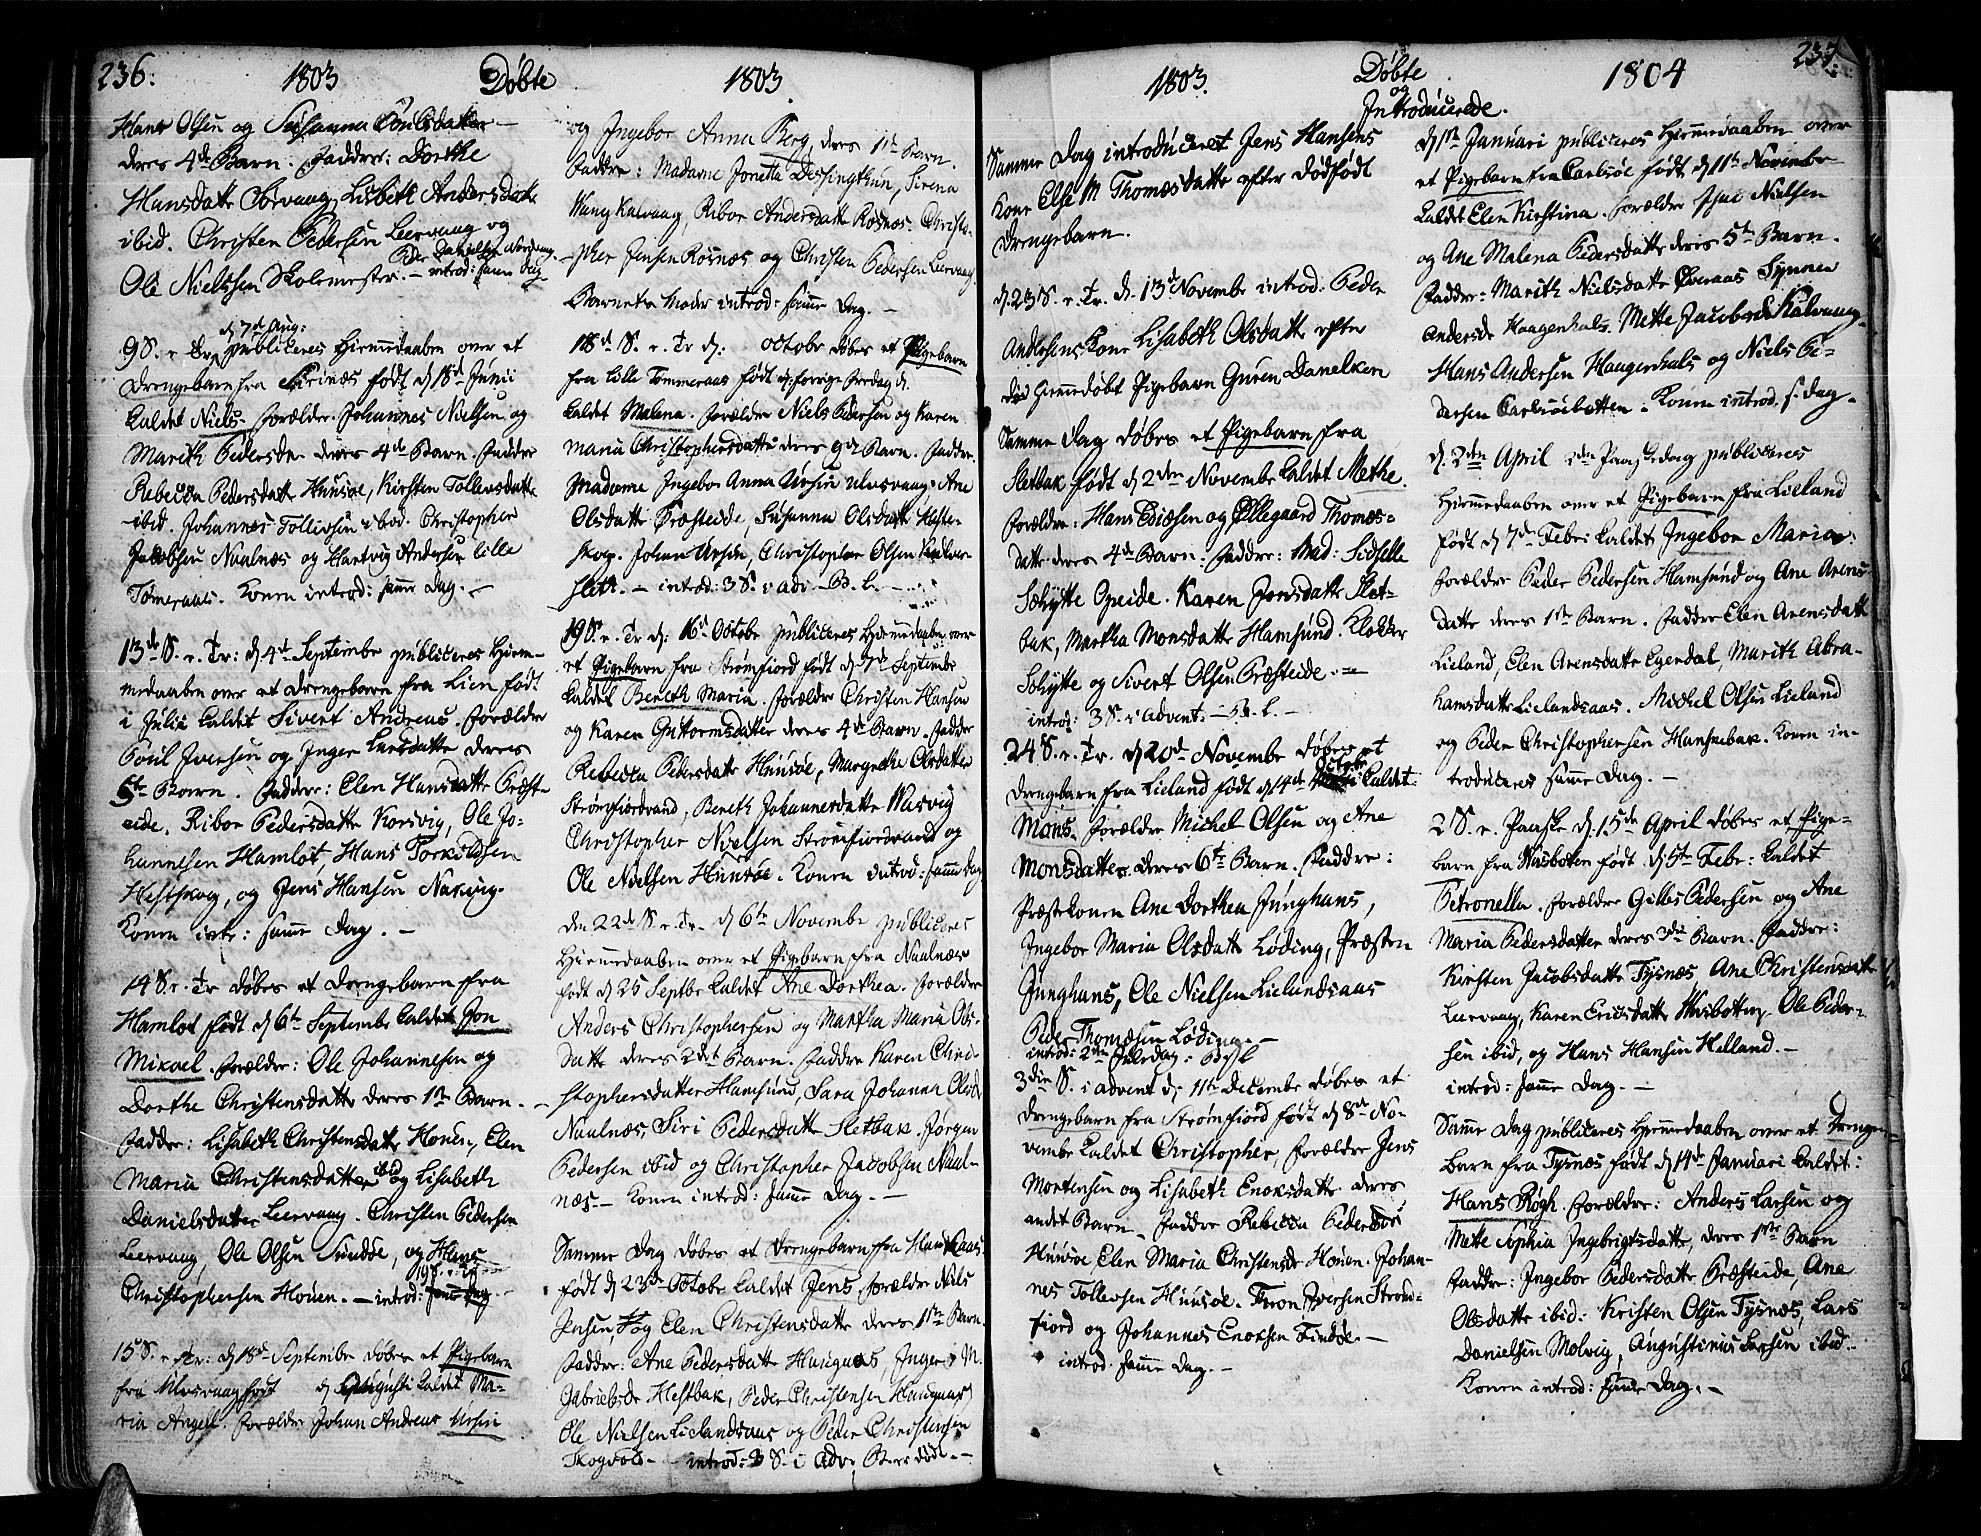 SAT, Ministerialprotokoller, klokkerbøker og fødselsregistre - Nordland, 859/L0841: Parish register (official) no. 859A01, 1766-1821, p. 236-237